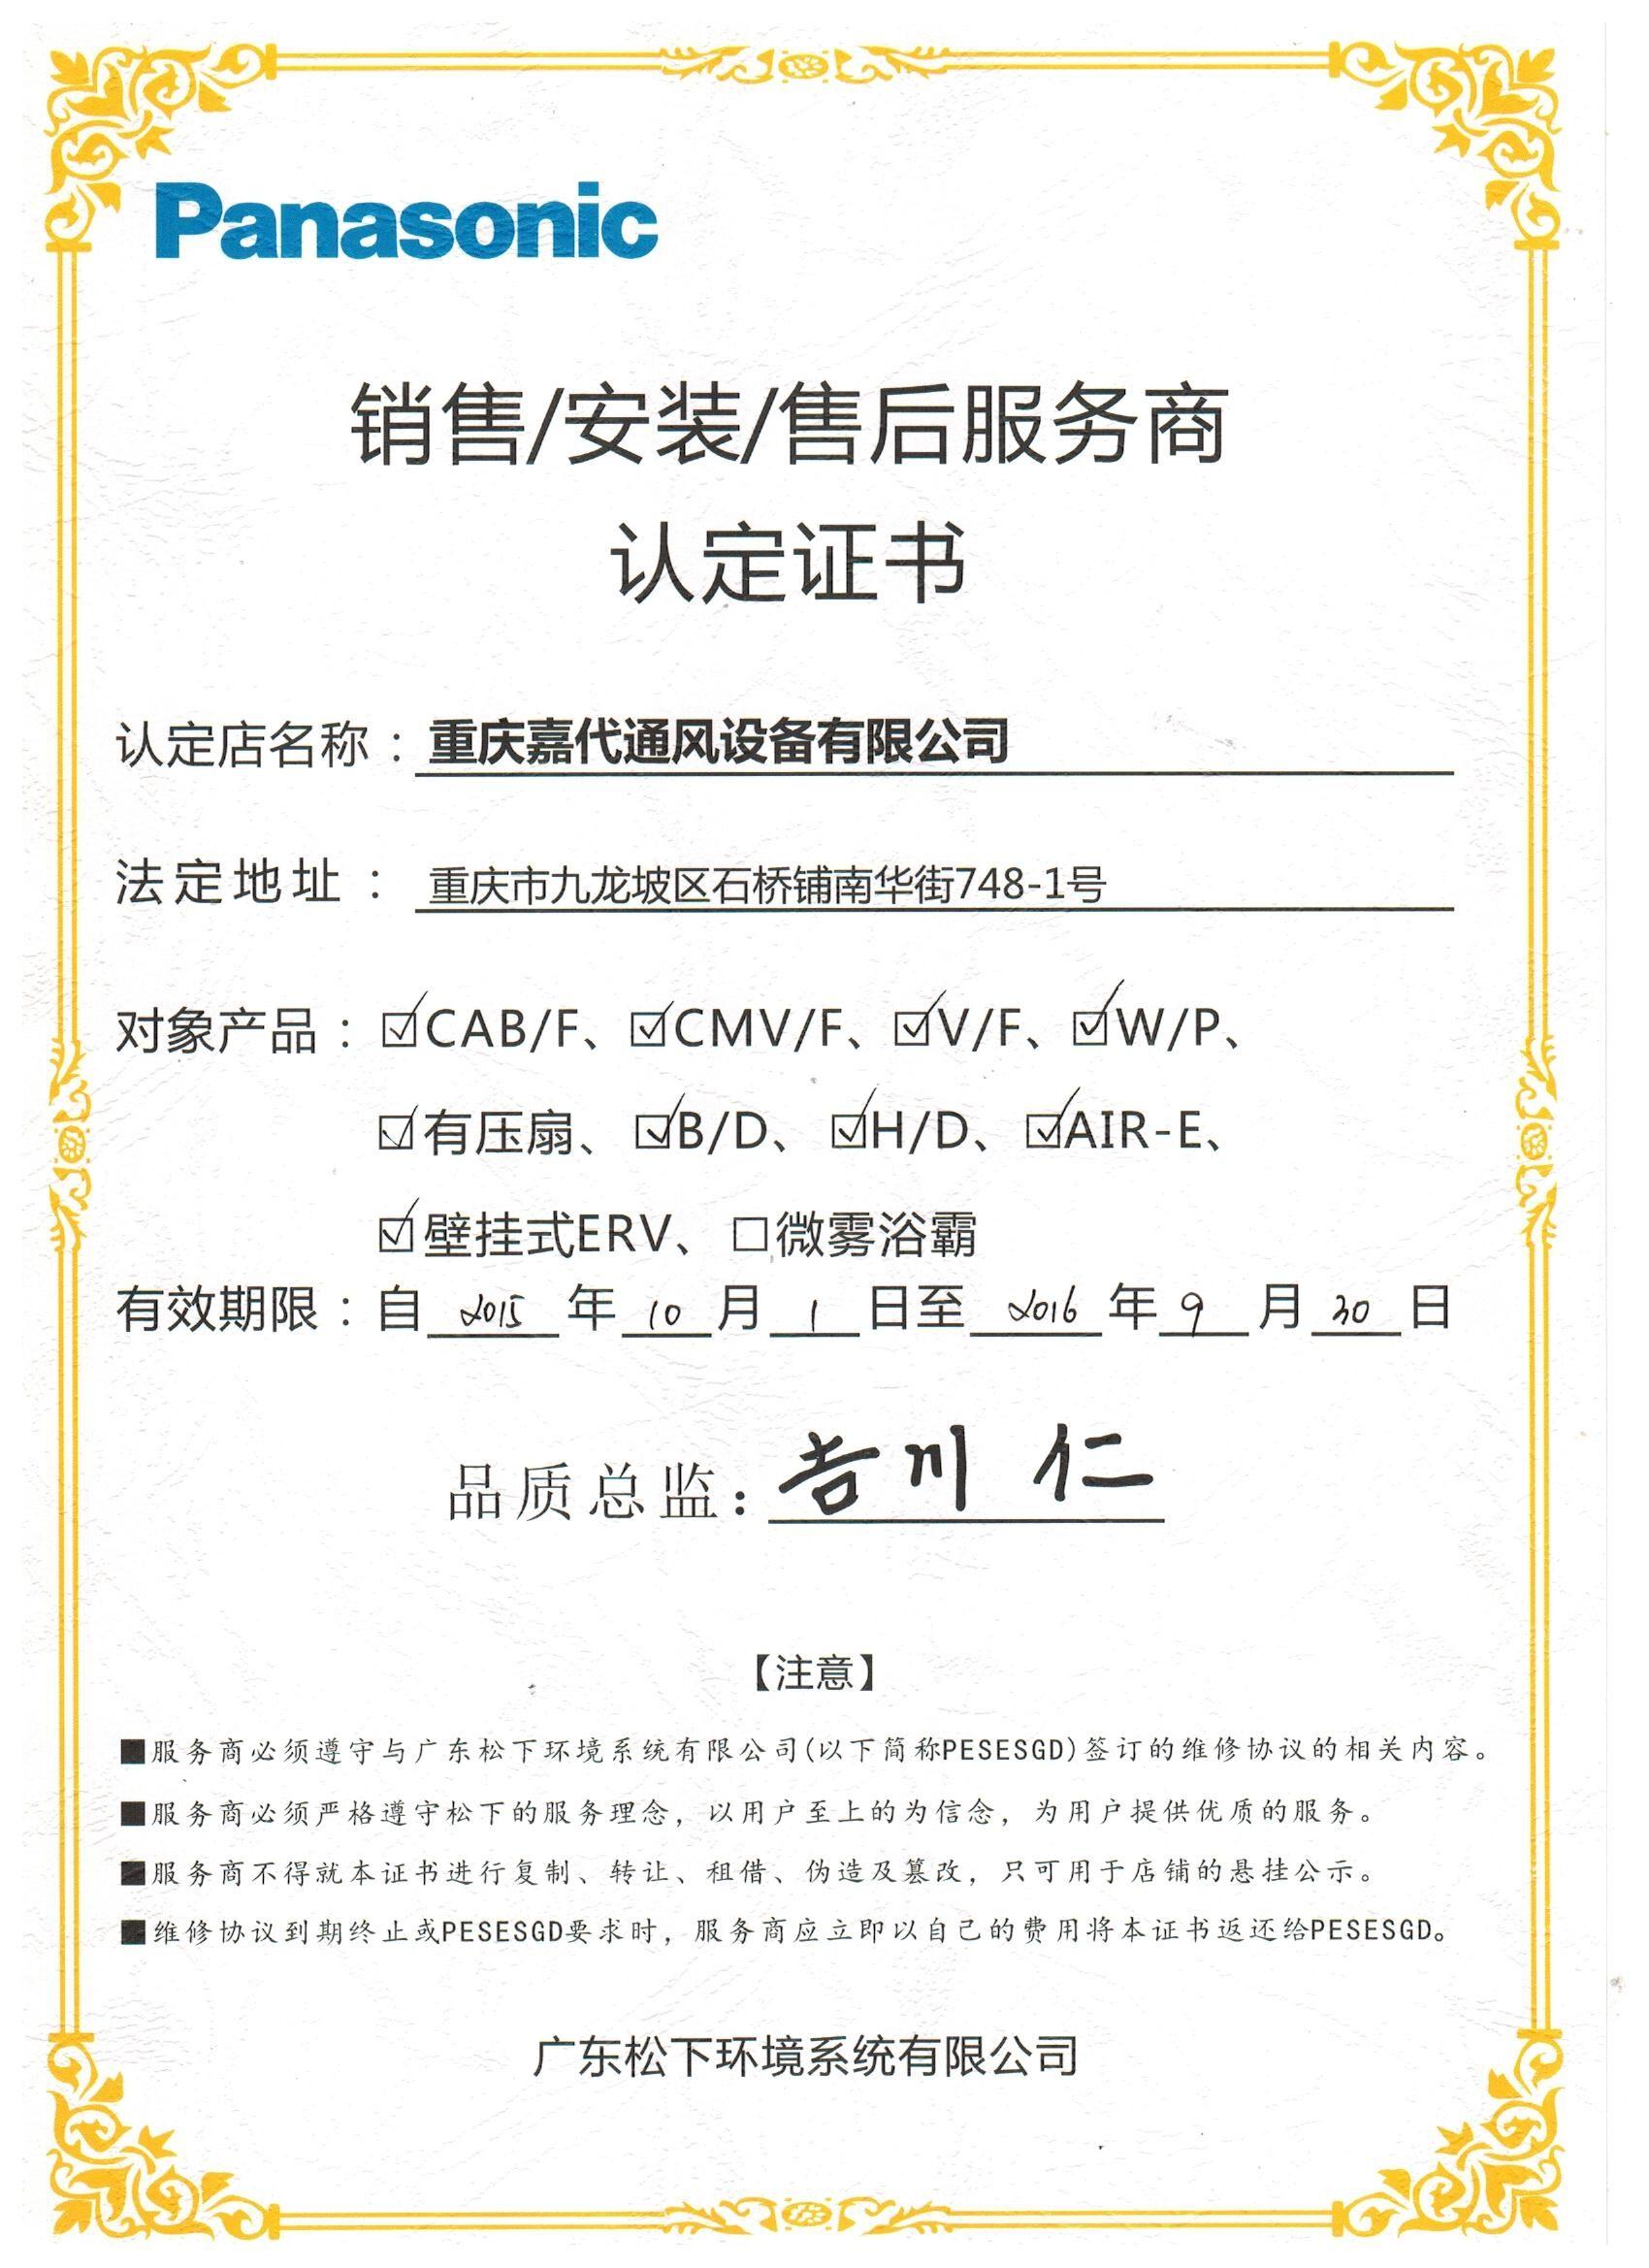 松下(Panasonic)销售/安装/售后服务商认定证书